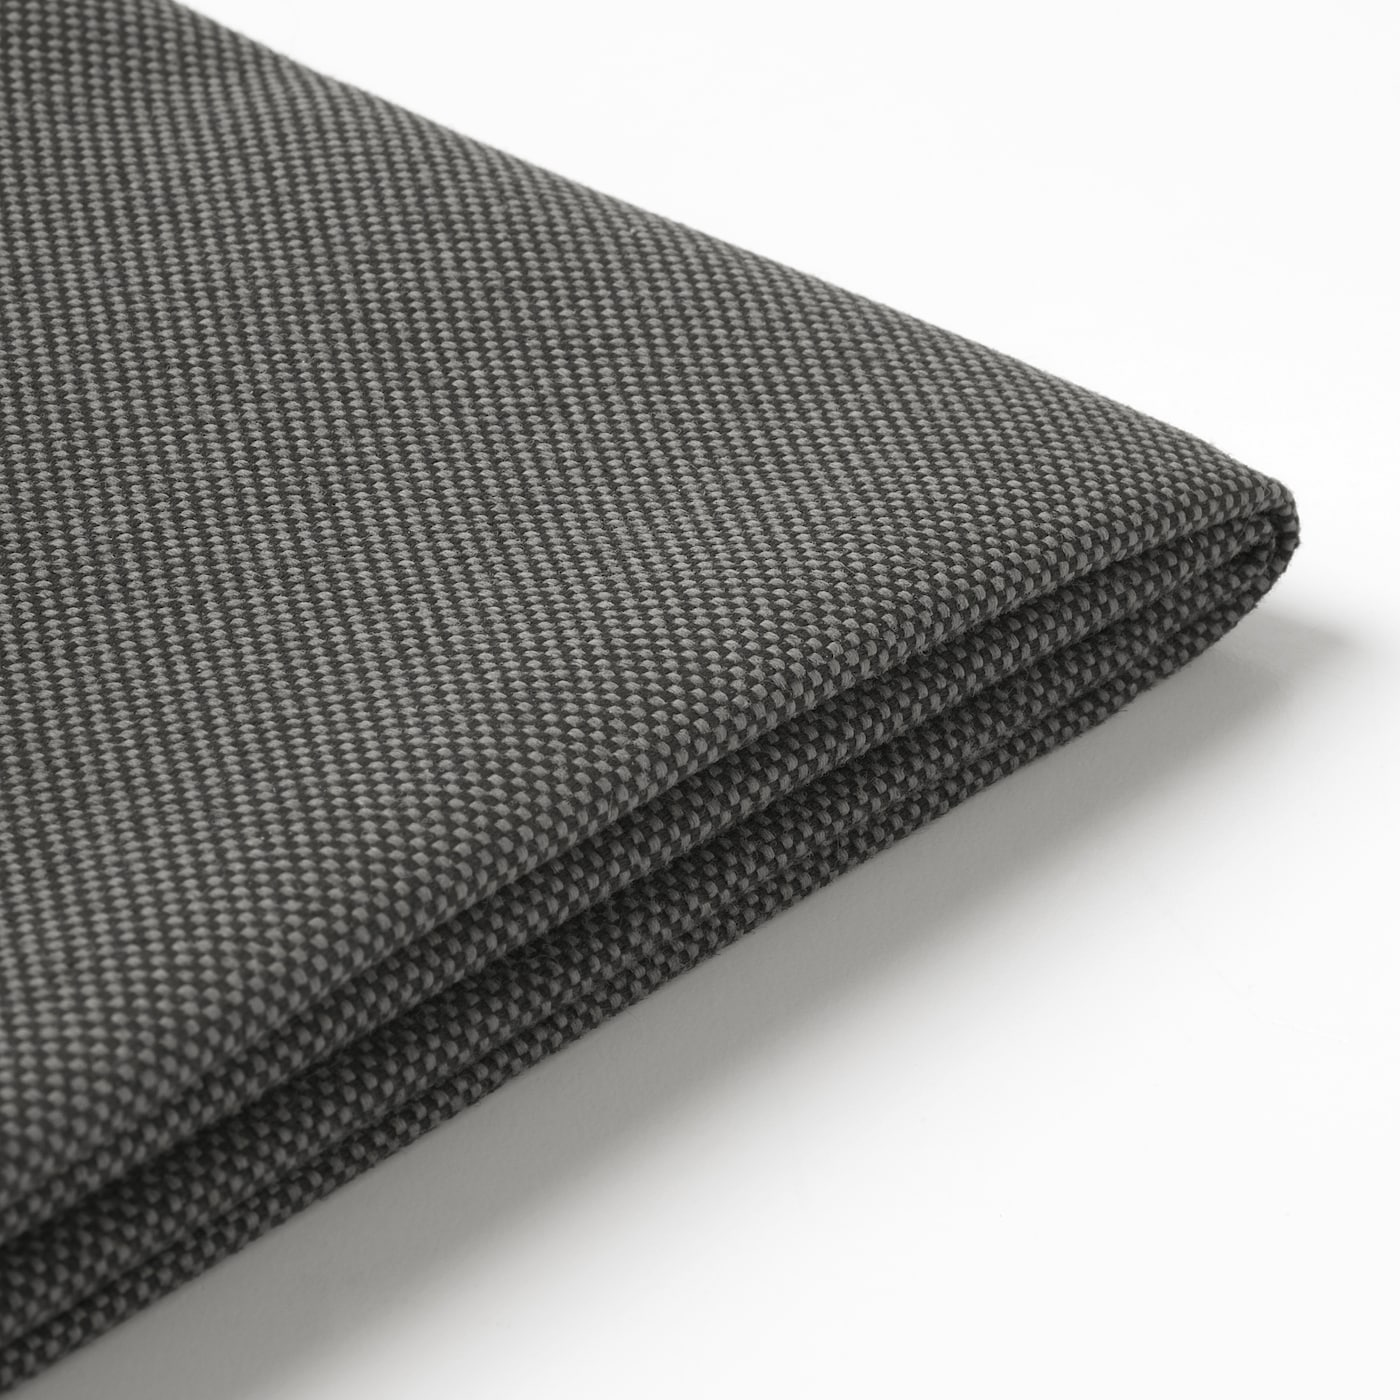 FRÖSÖN Trekk til stolpute, utendørs mørk grå, 44x44 cm